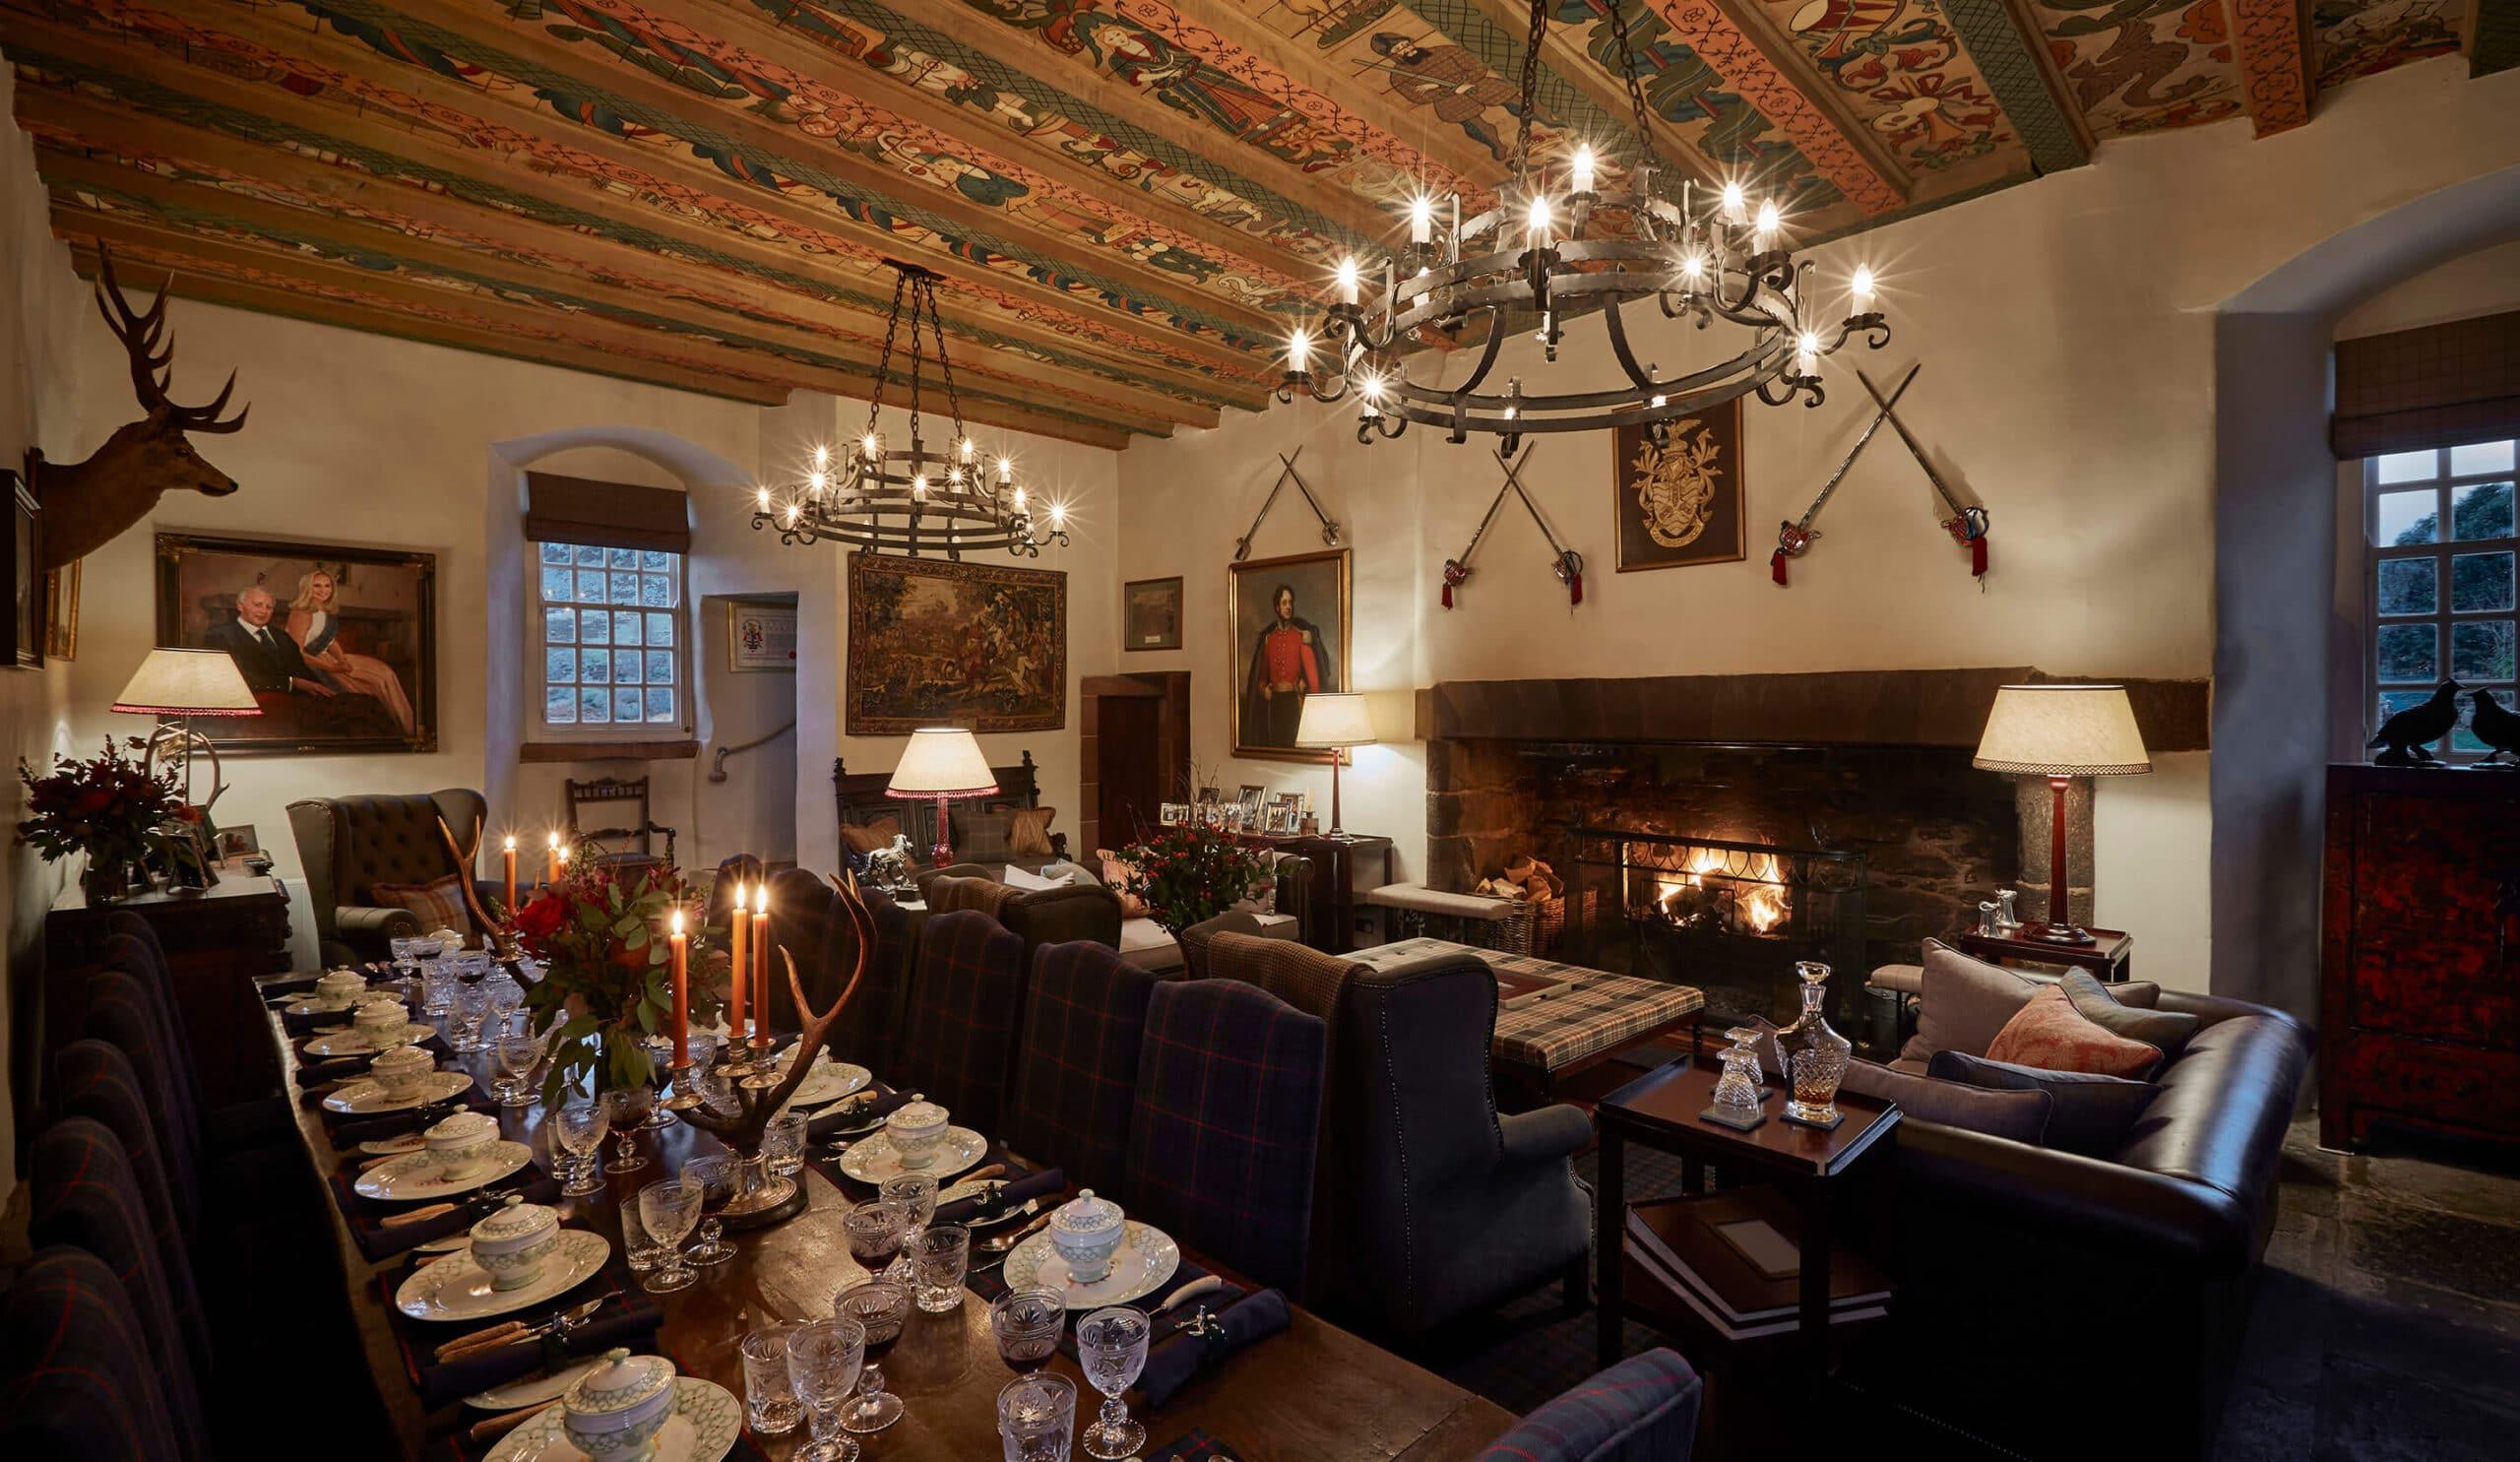 Scottish large dining area